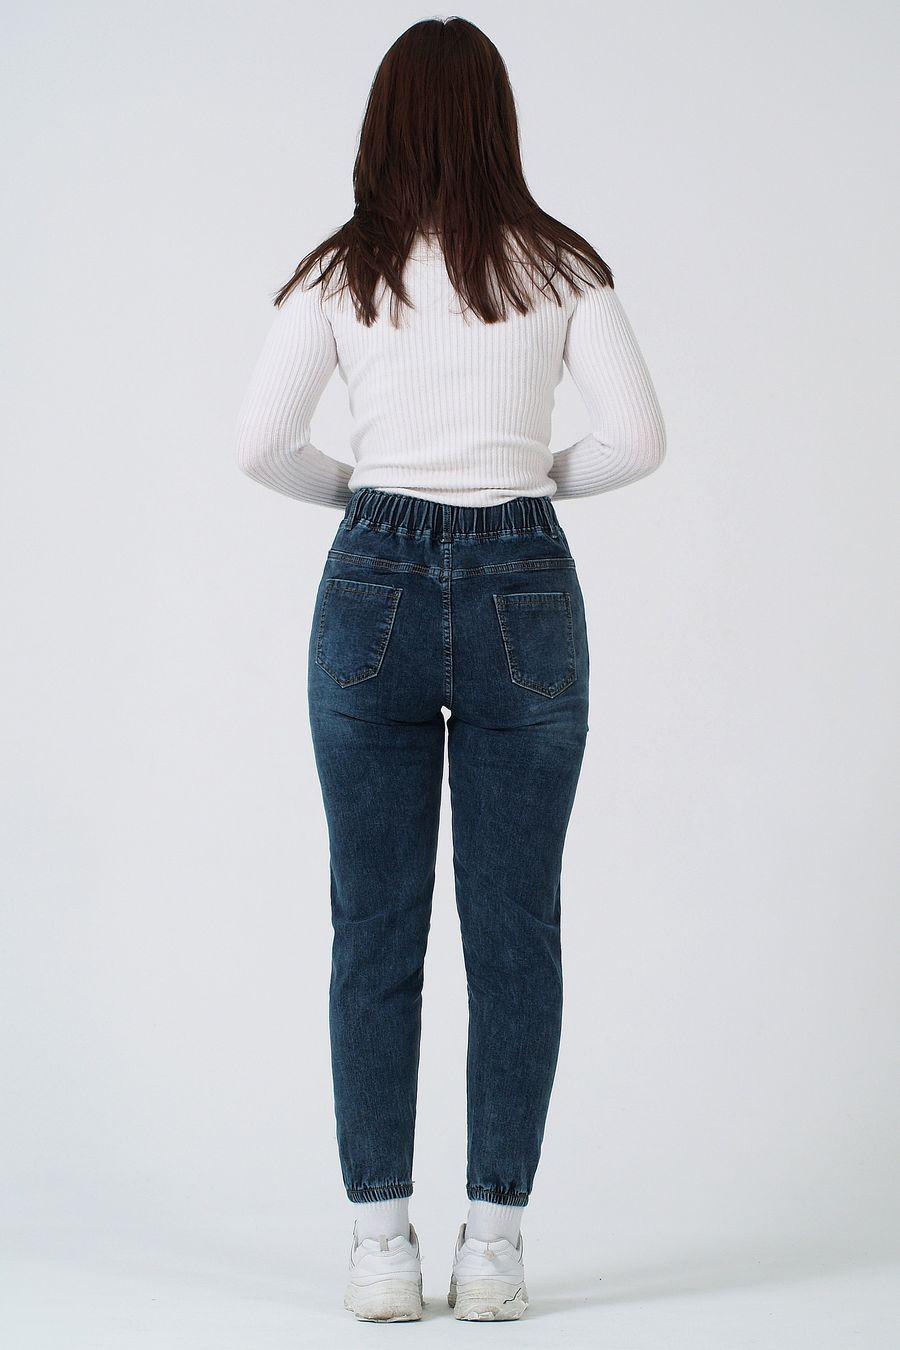 Джинсы женские K.Y Jeans 096 - фото 3